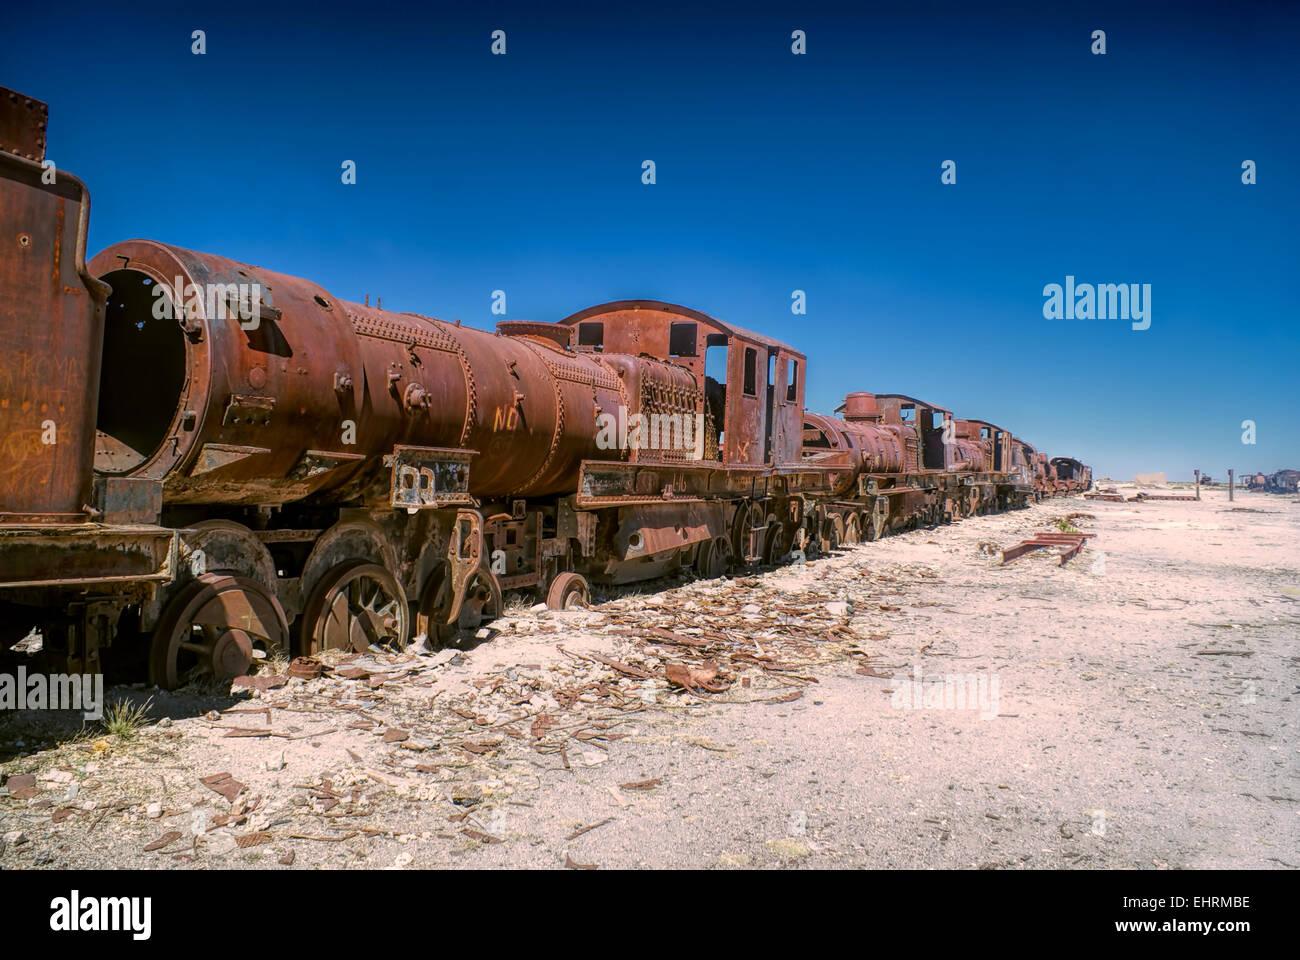 Old locomotive graveyard in desert near Salar de Uyuni in Bolivia - Stock Image